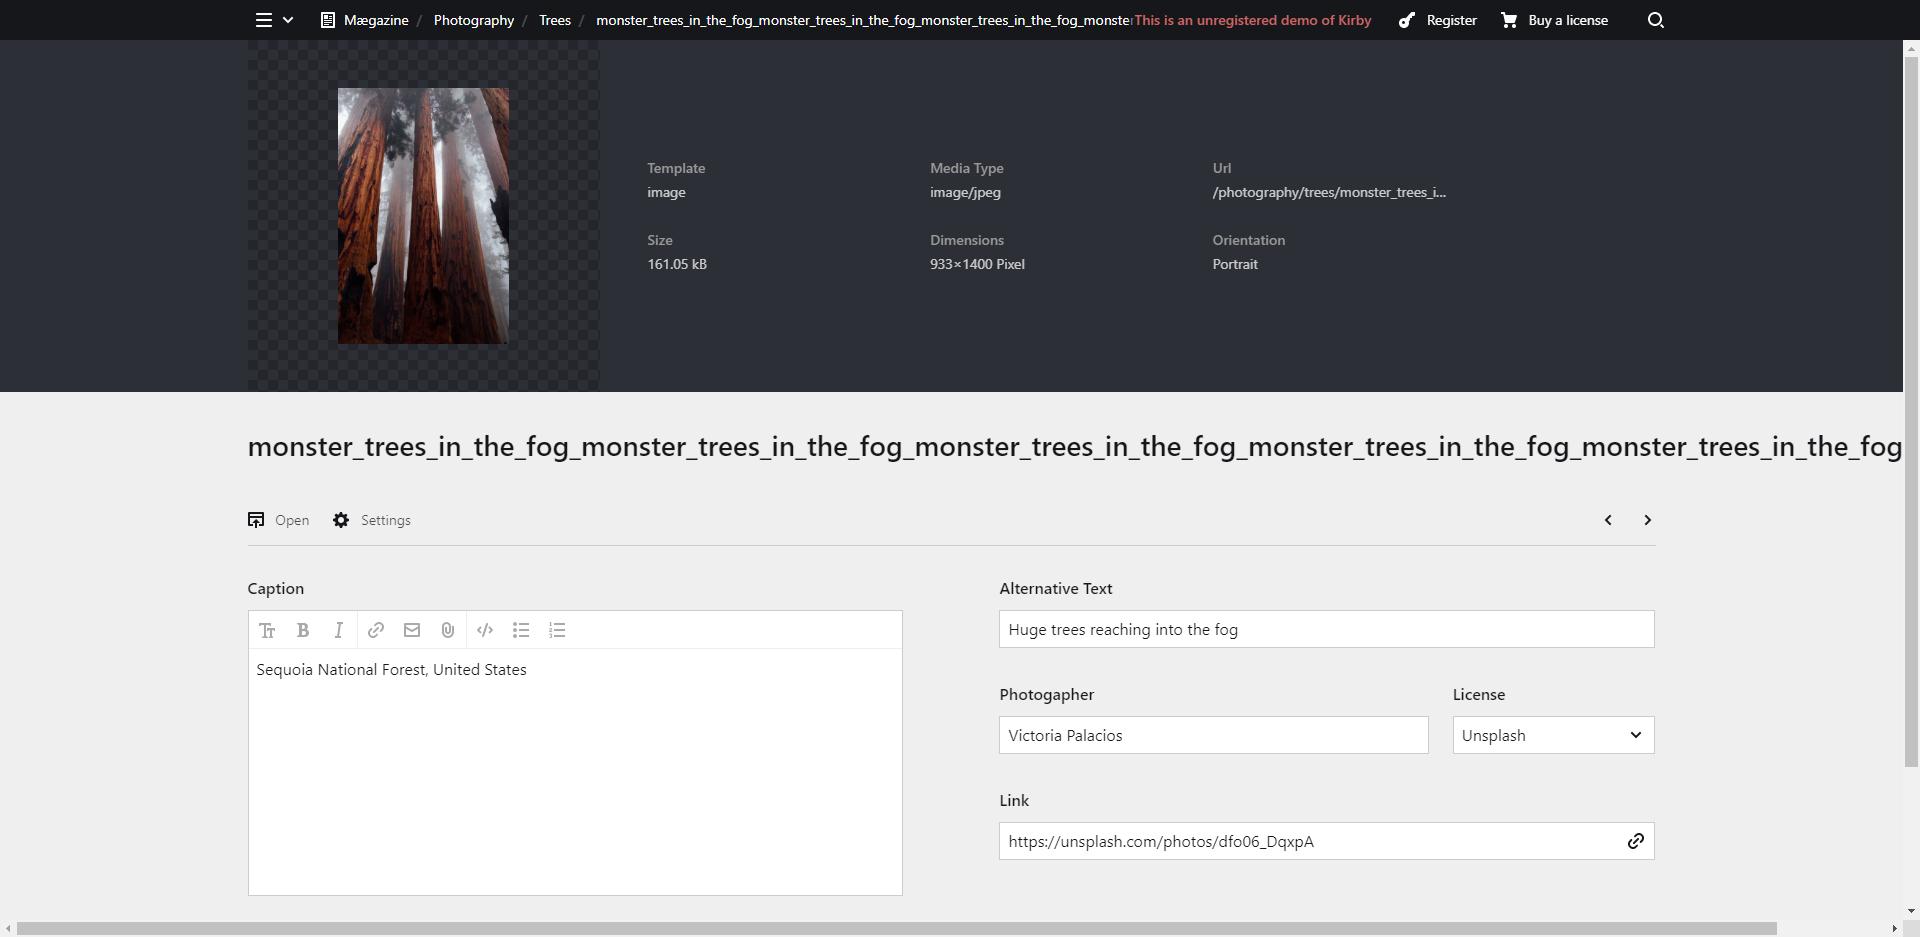 FireShot Capture 008 - monster_trees_in_the_fog_monster_trees_in_the_fog_monster_trees_in_th_ - localhost